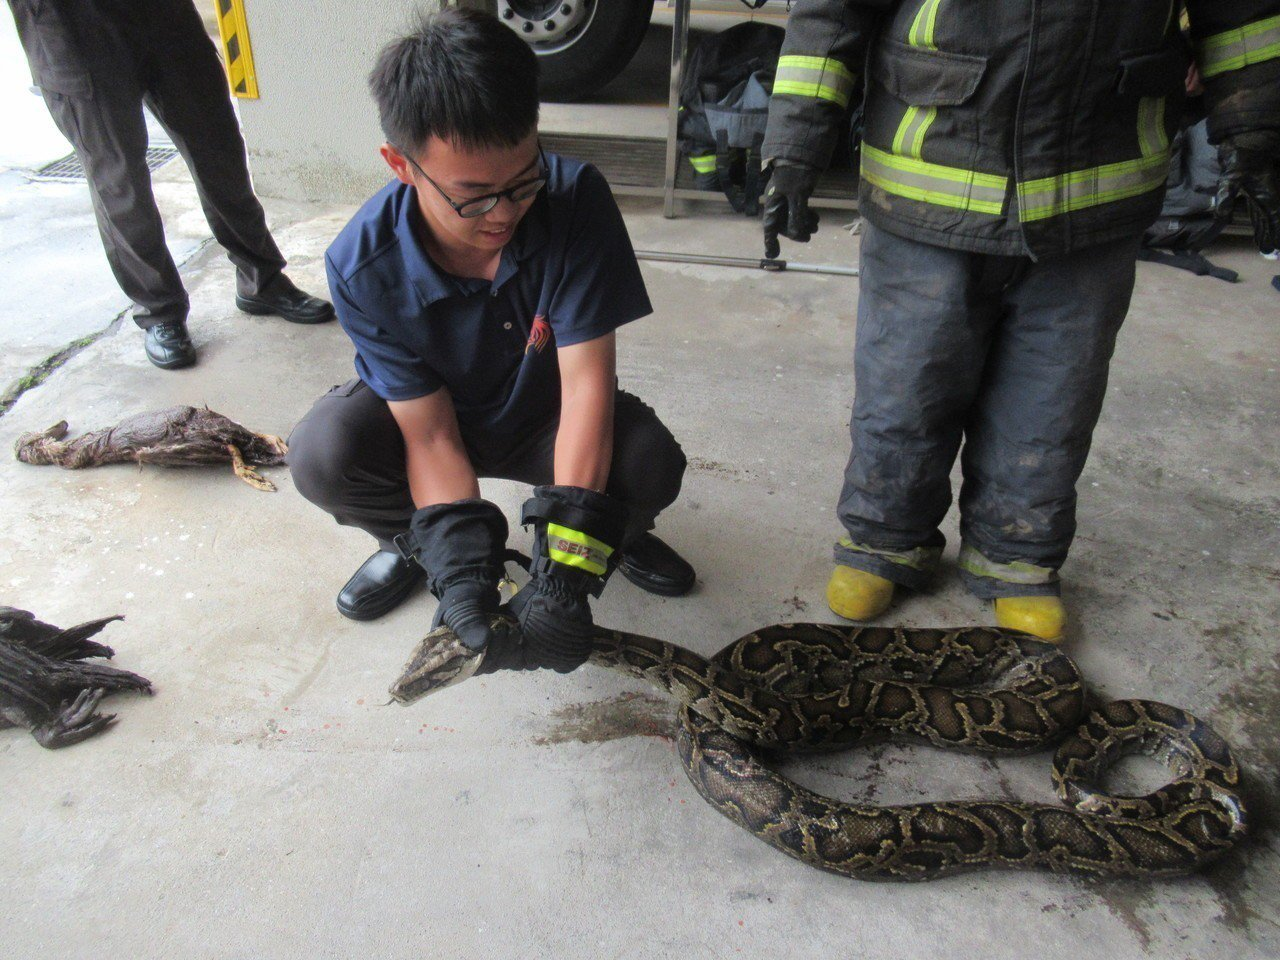 消防隊員示範如何將巨蟒手到擒來。 圖/金門縣消防局提供